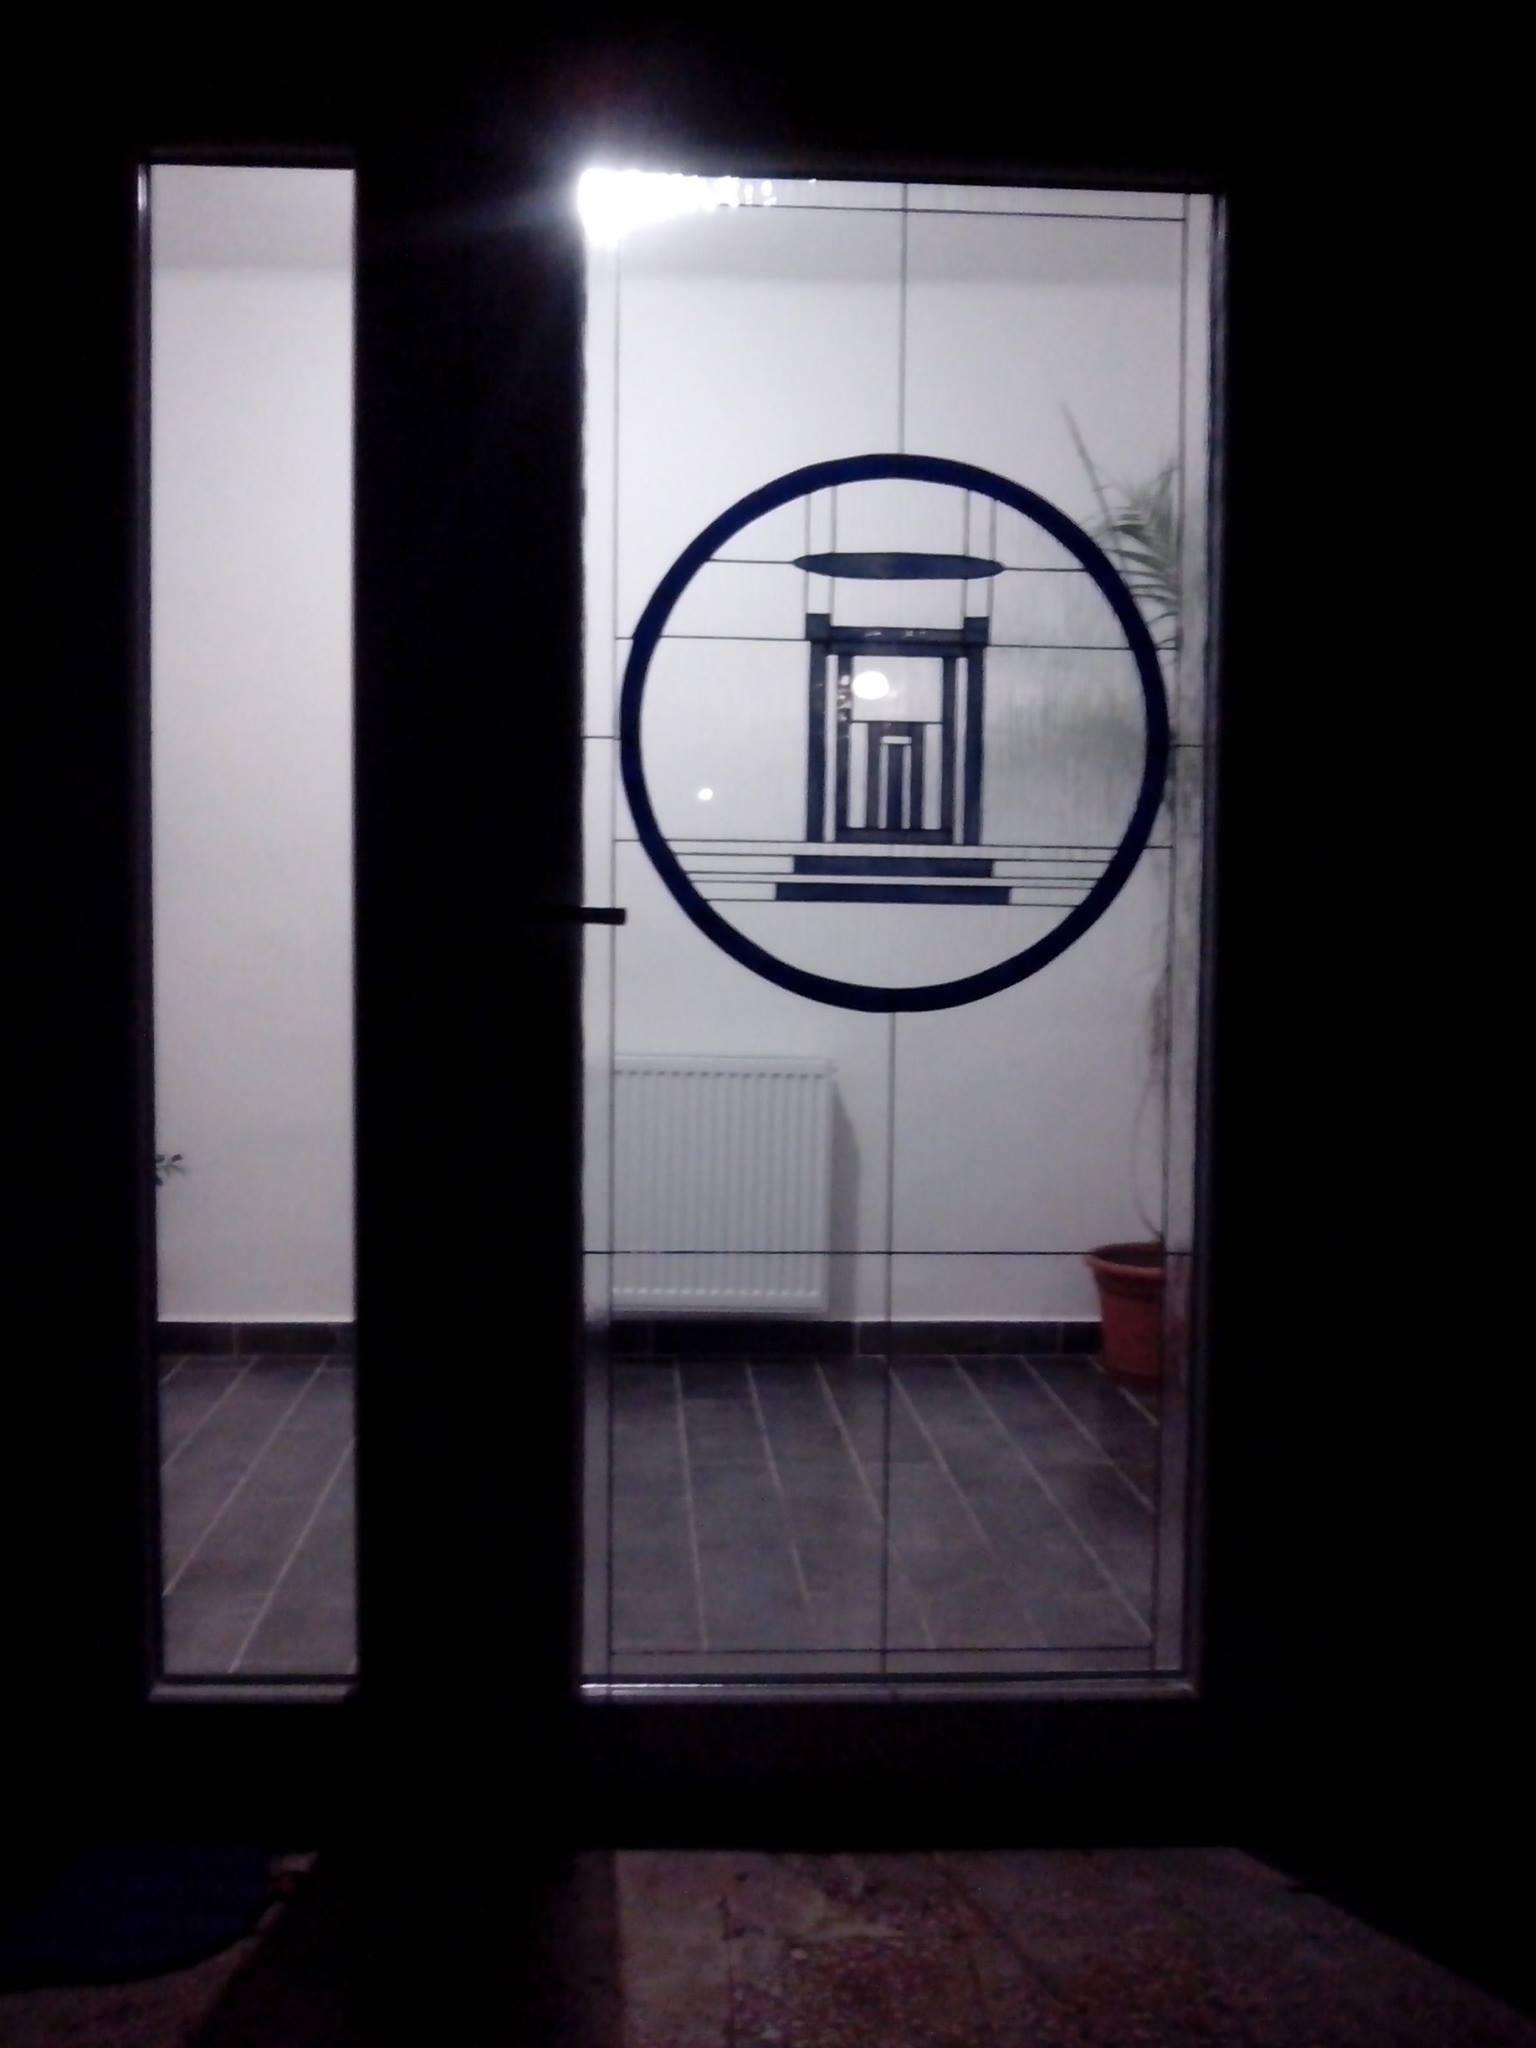 HMVhelyi Roma gyülekezet bejárati ajtaja